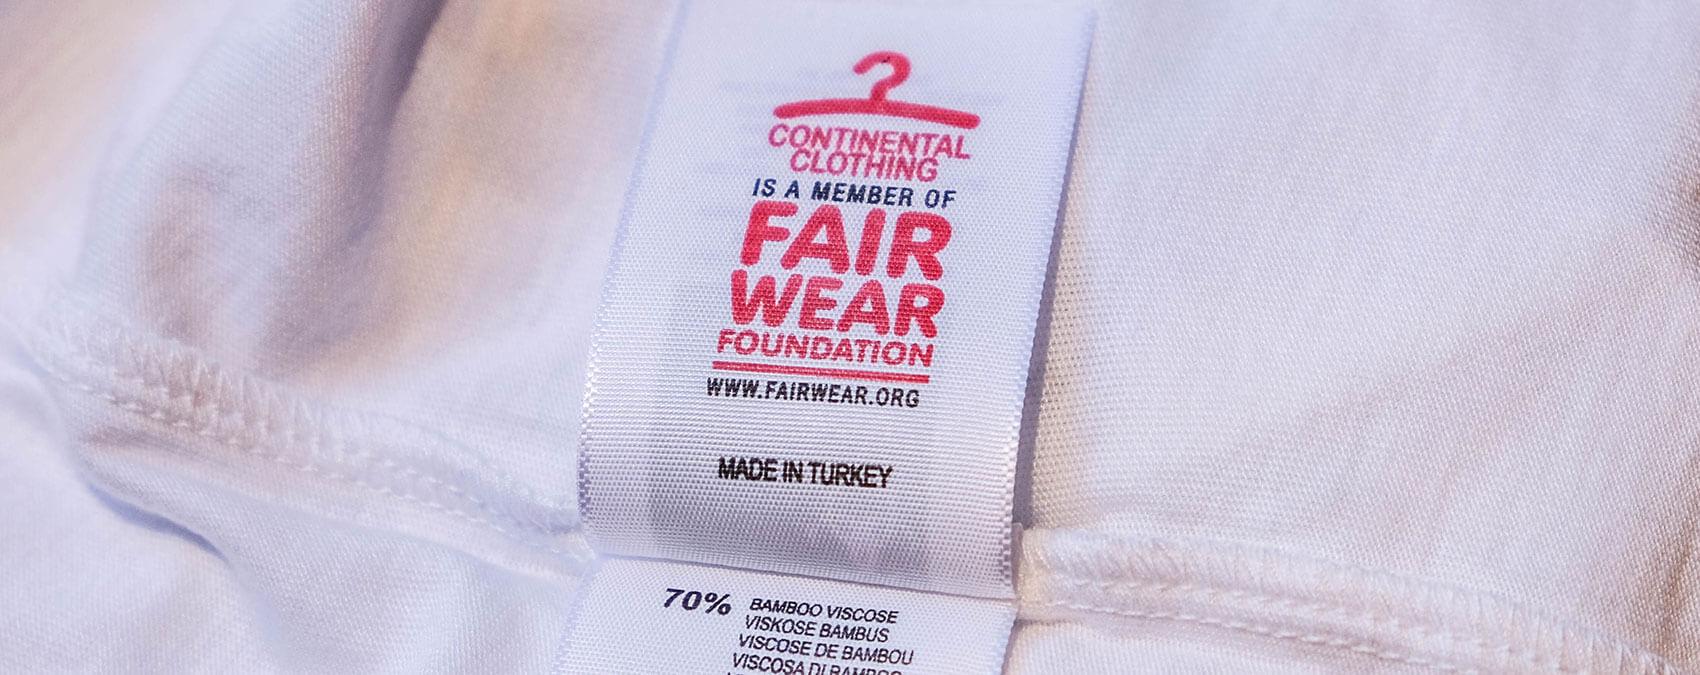 Fair Wear Foundation Logo auf einem Bekleidungsetikett